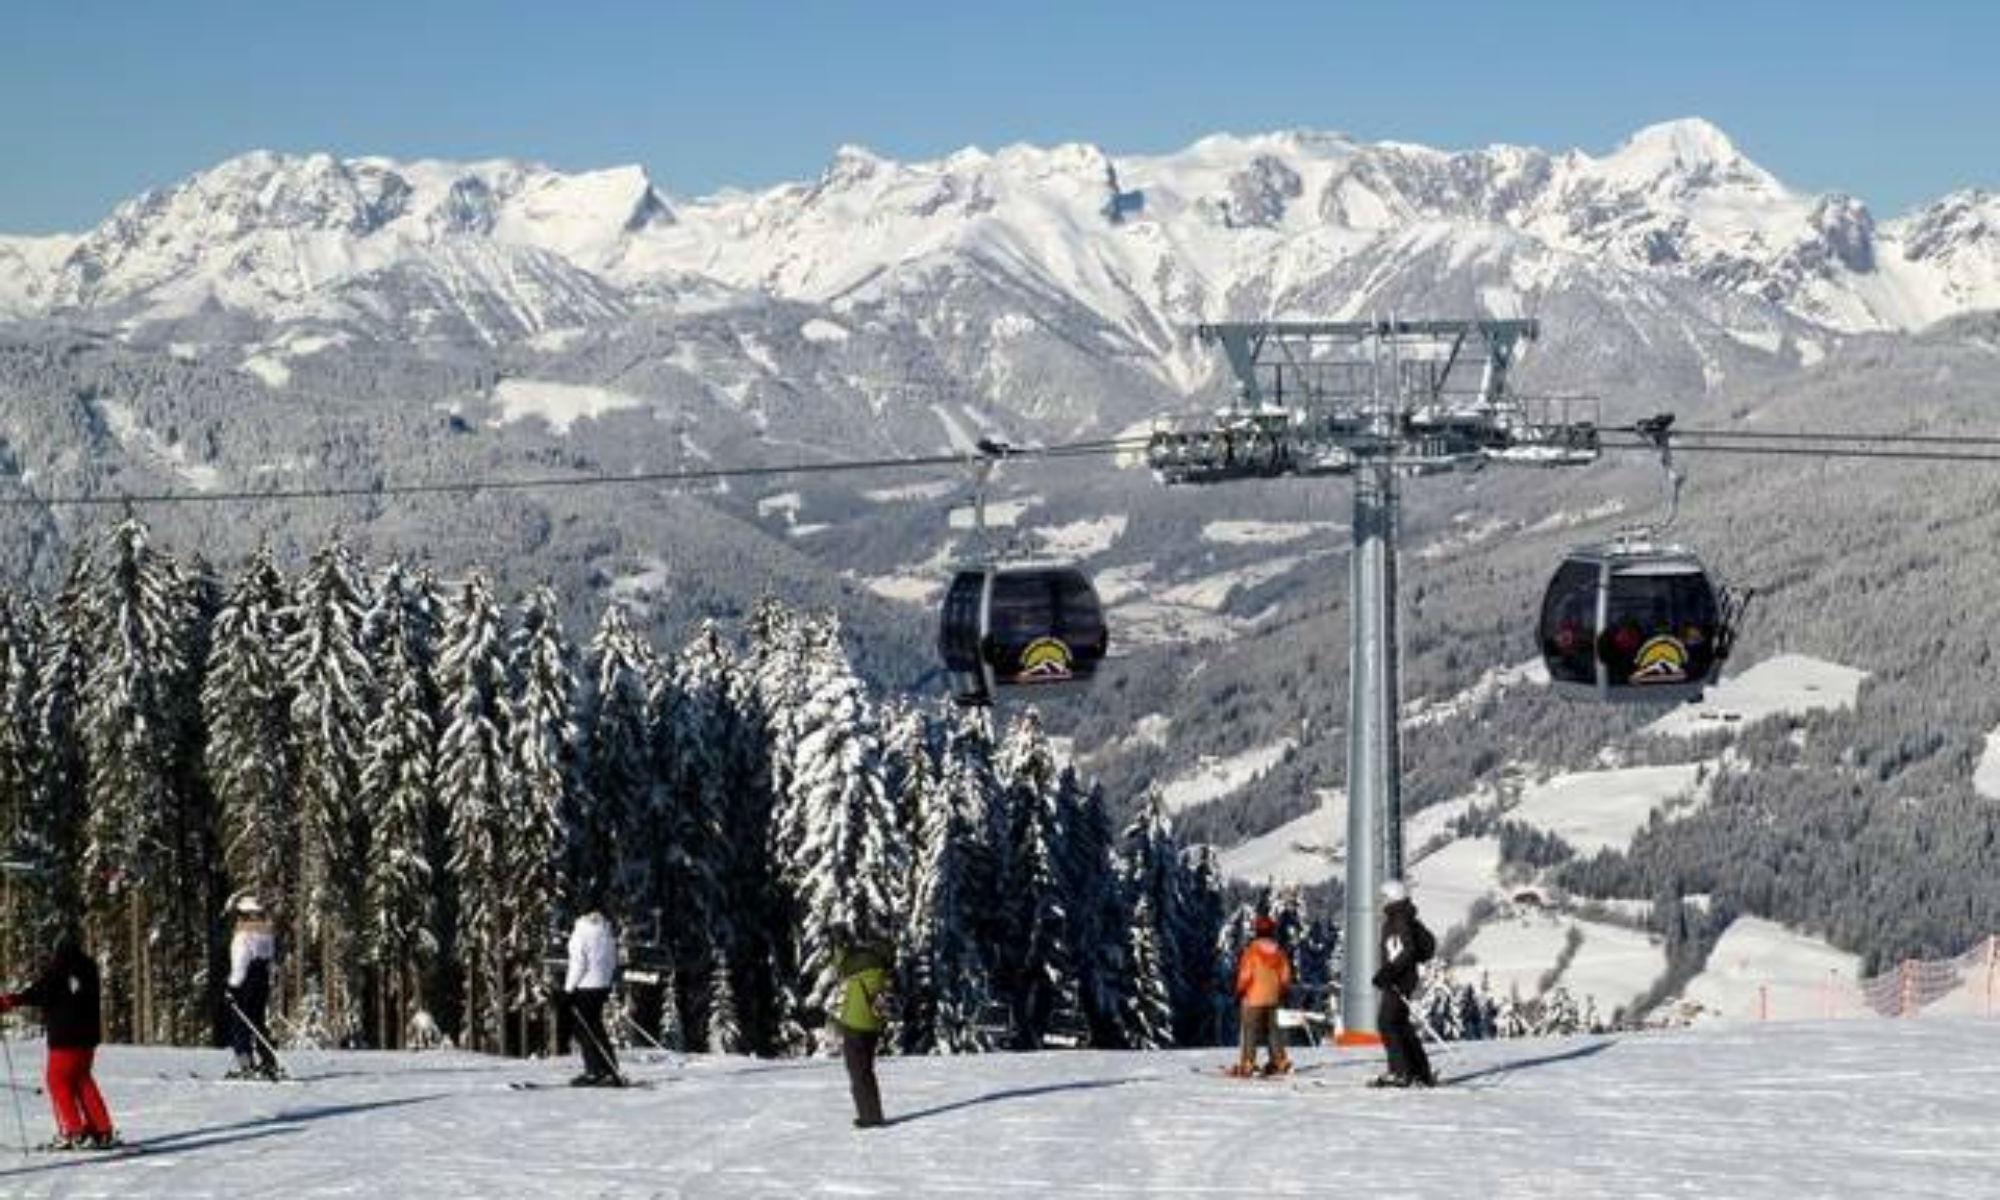 6 Skifahrer auf einer Piste mit Gondel und Bergpanorama in Radstadt-Altenmarkt.